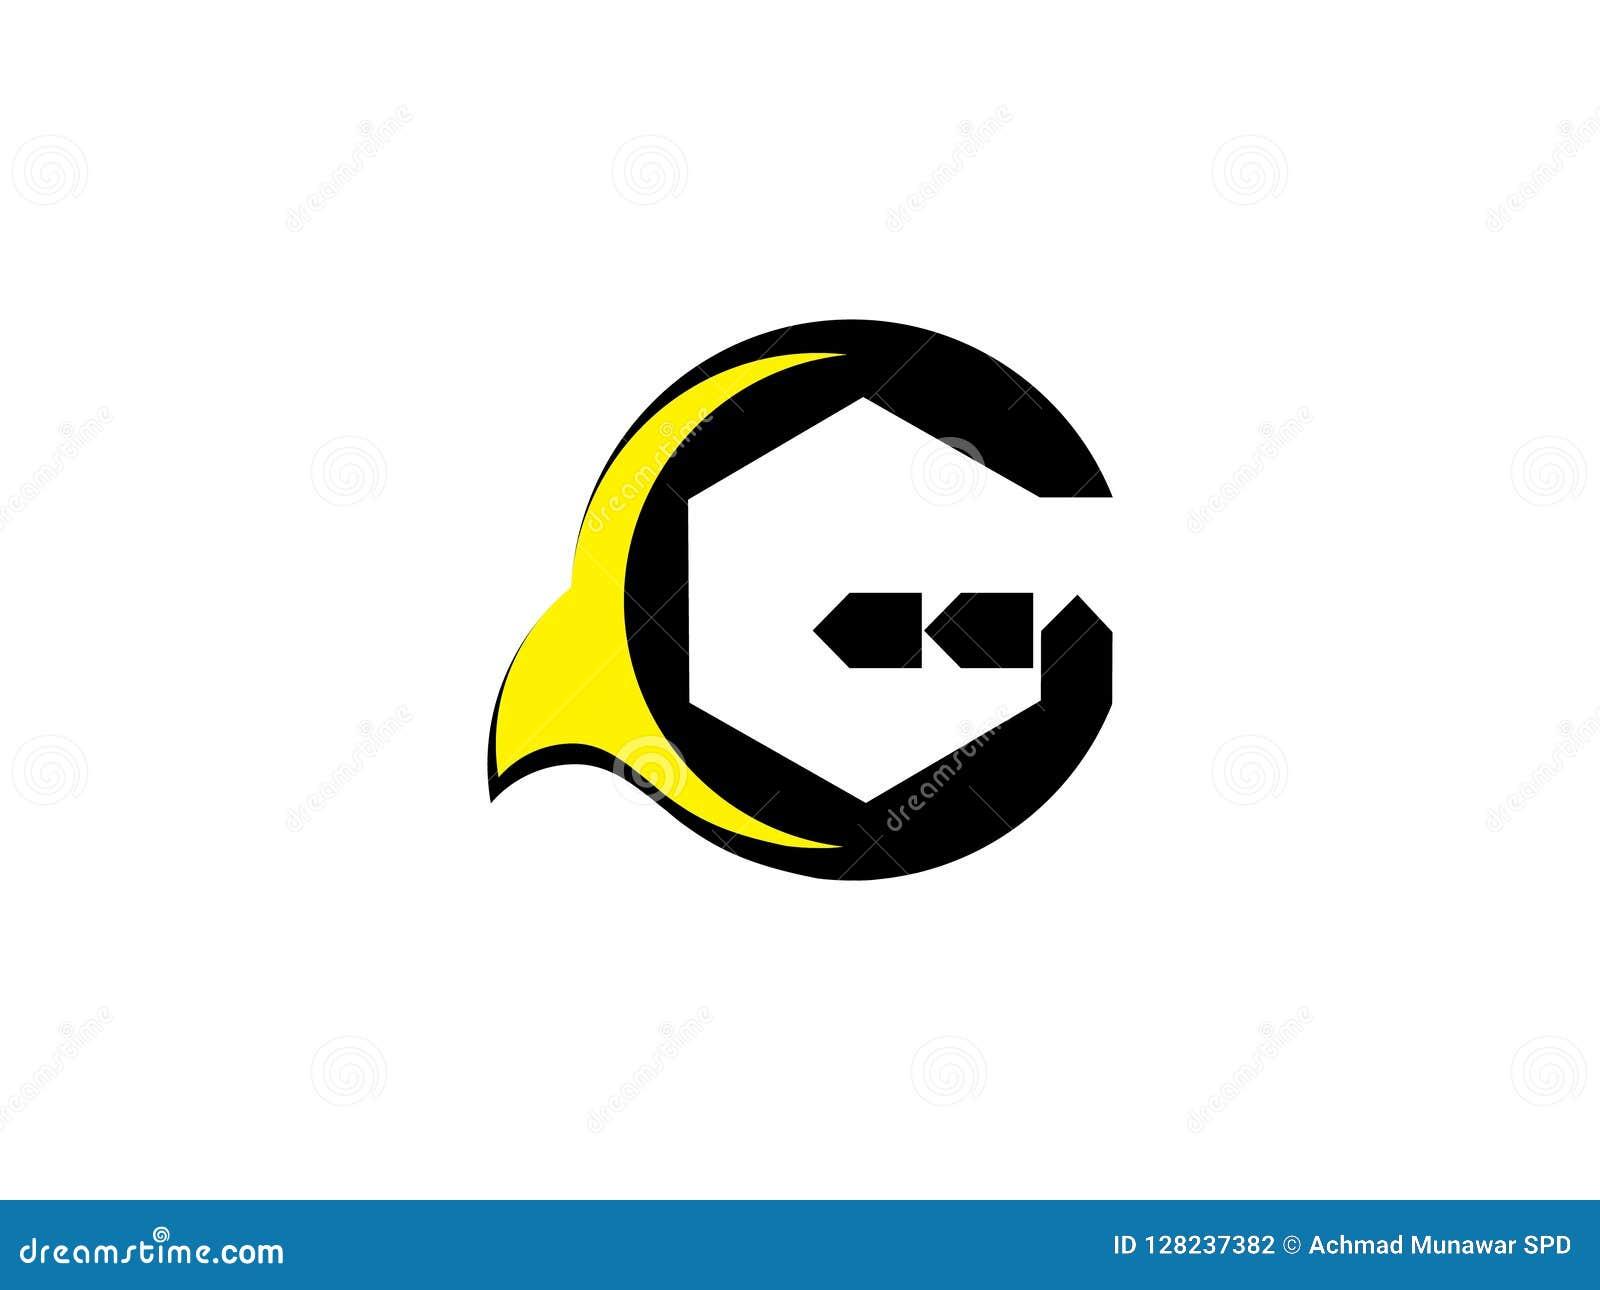 Vektor för logo för tecken för bokstavsG-gemenskap Enhetsymbol Företagspersonal Offentlig organisation Bra förhållande